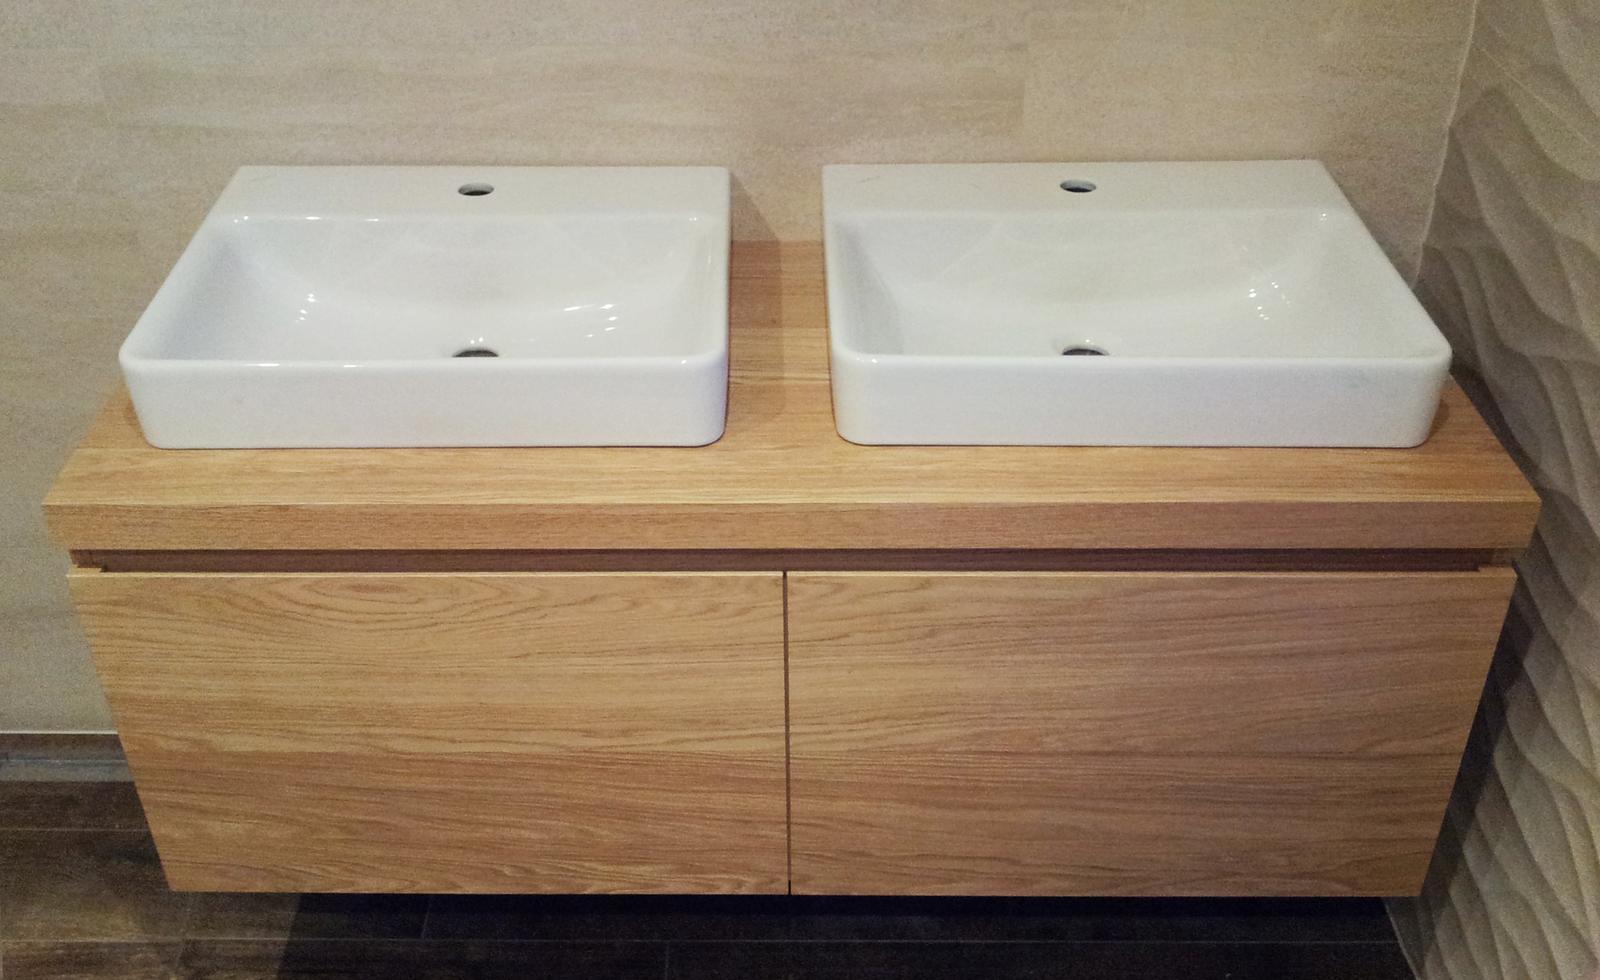 Dizajn a výroba nábytku na mieru Cubica - Závesná kúpeľňová skrinka - dub prírodný - dizajn a výroba cubica